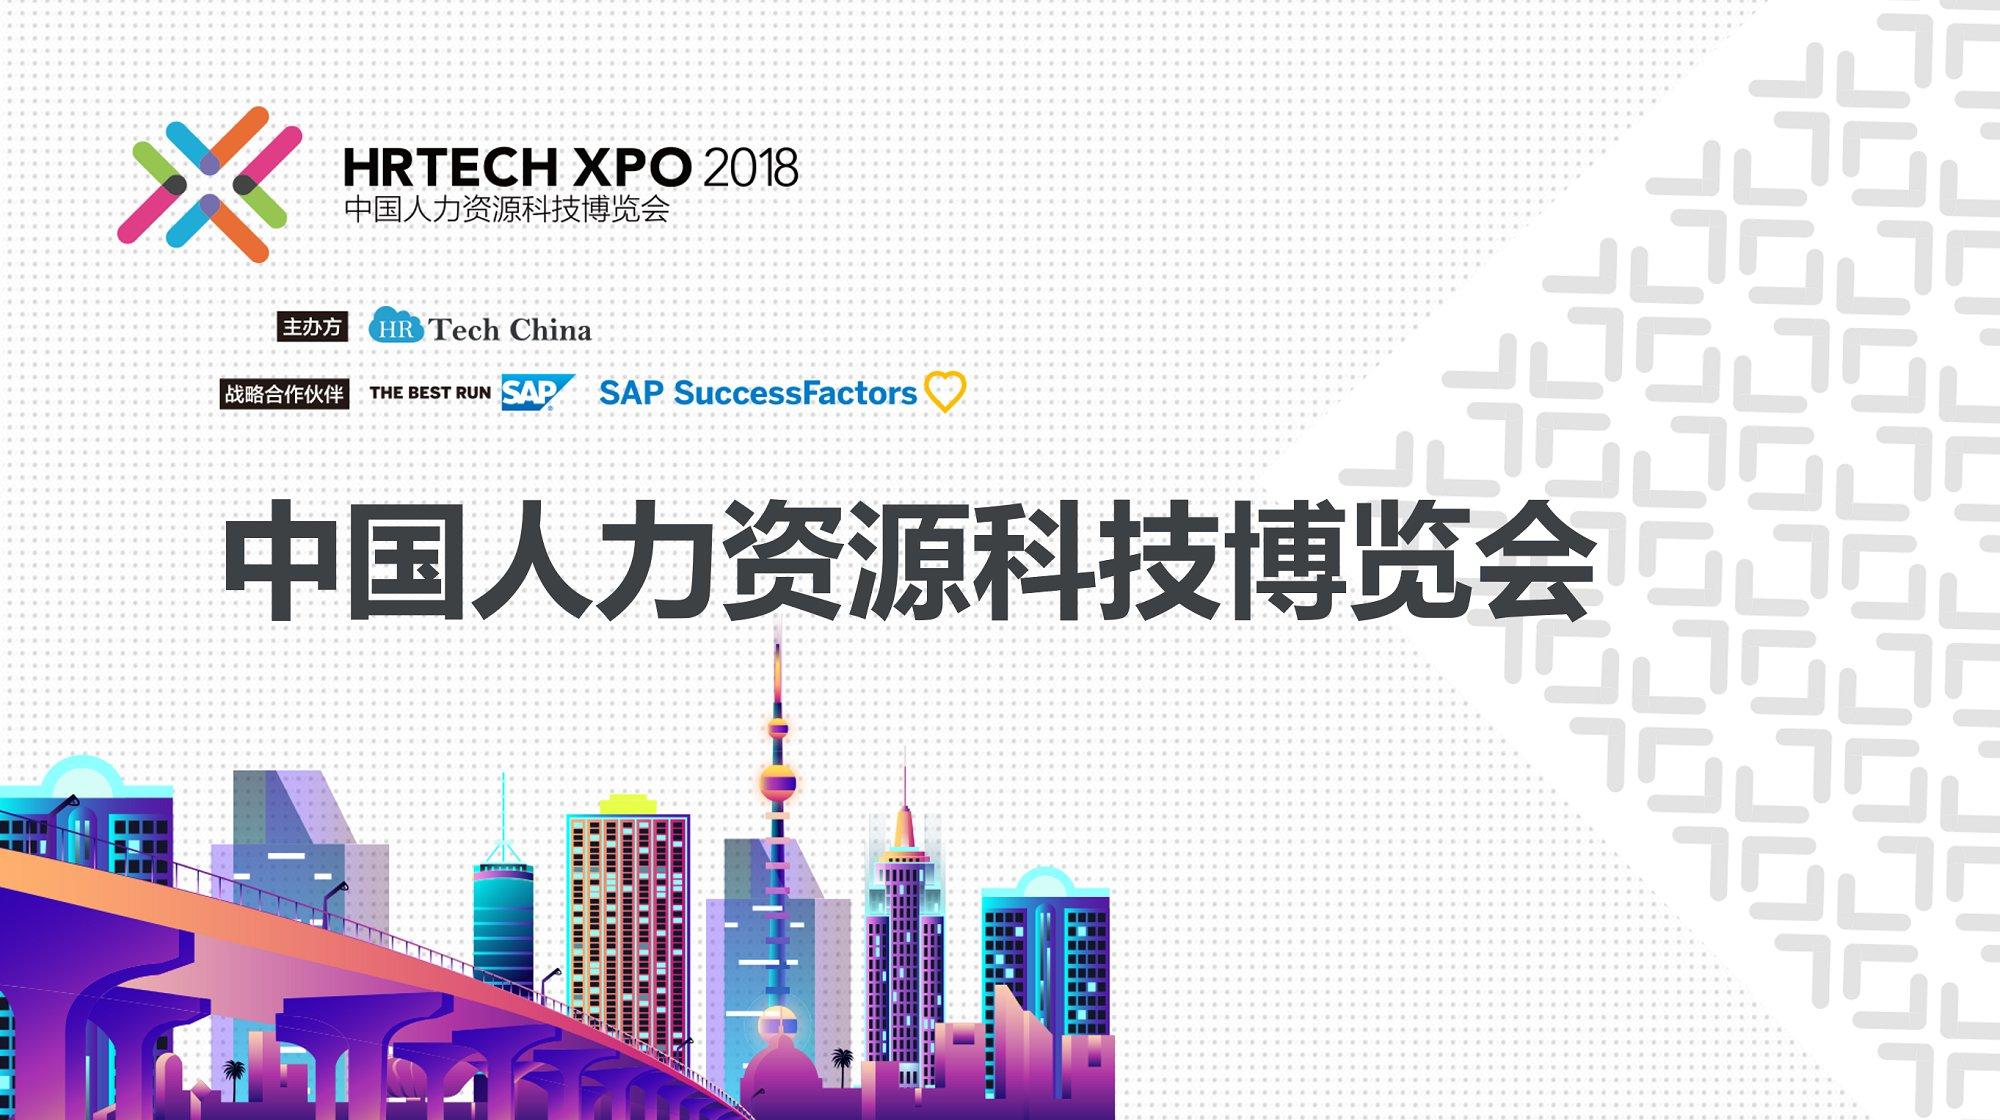 2018中国人力资源科技博览会(HRTech XPO 2018)在上海成功举办!超1500位HR专业人士莅临现场!